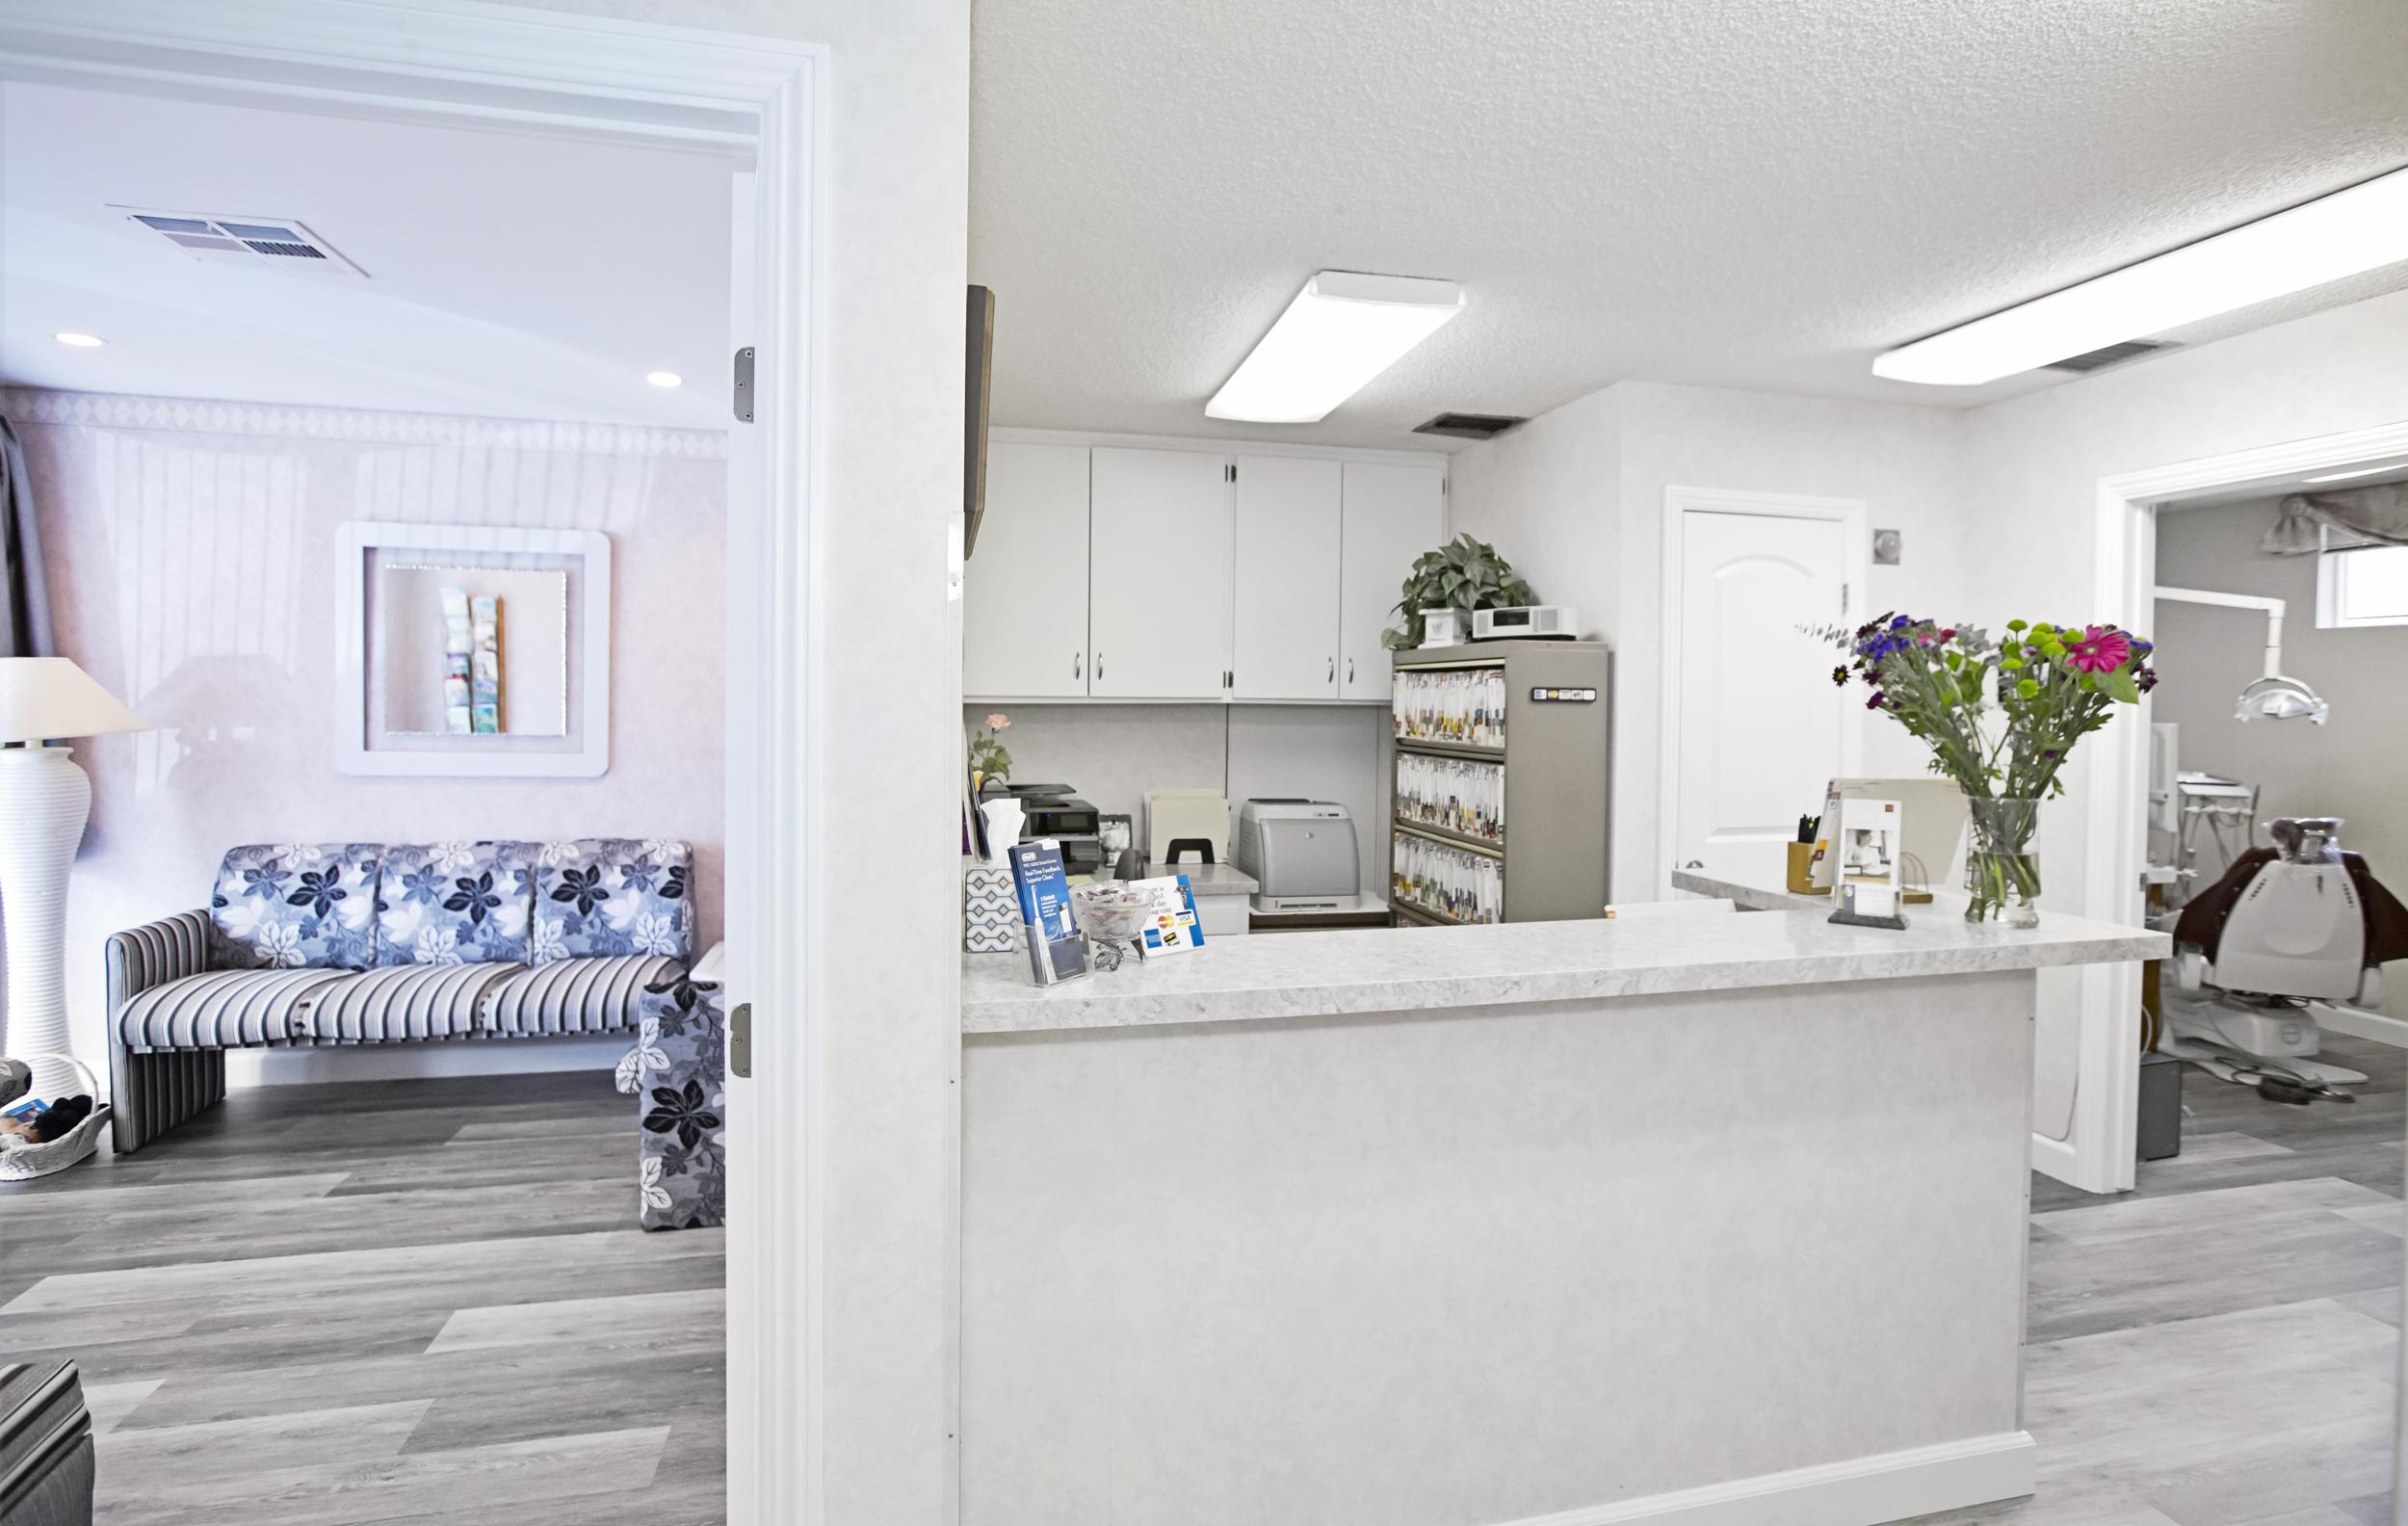 Simi Smile Studio | Simi Valley Dentist